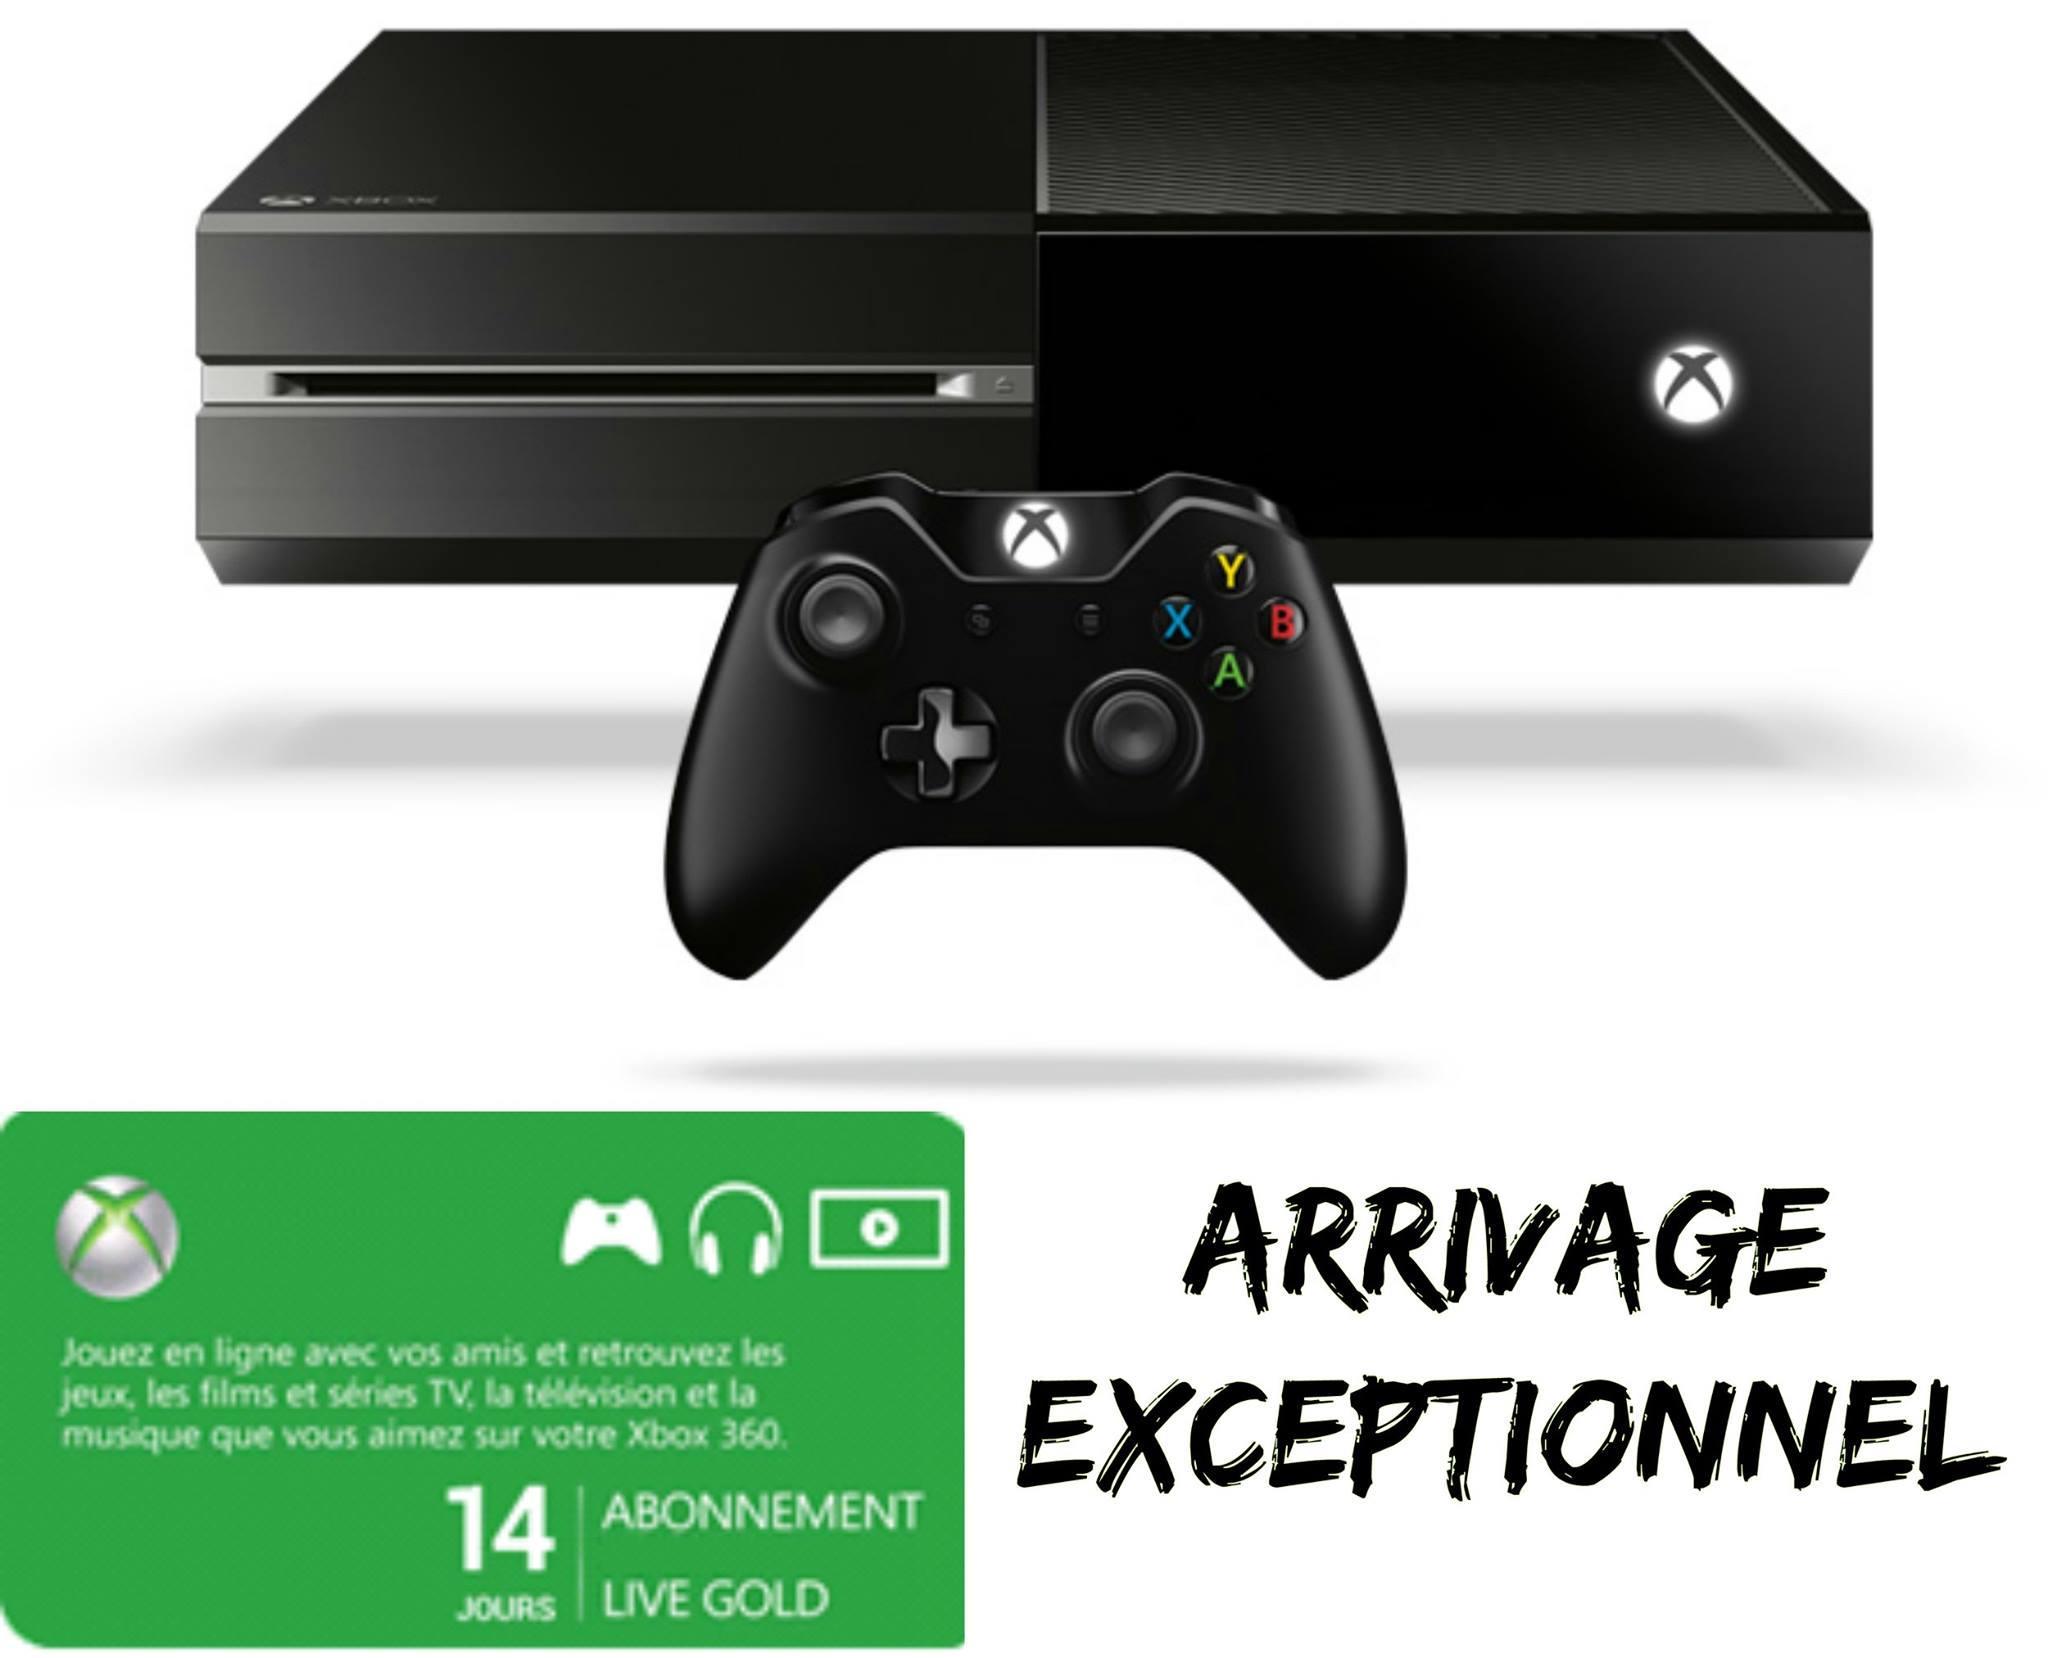 Pack console Microsoft Xbox One (500 Go) + abonnement de 14 jours au Live Gold